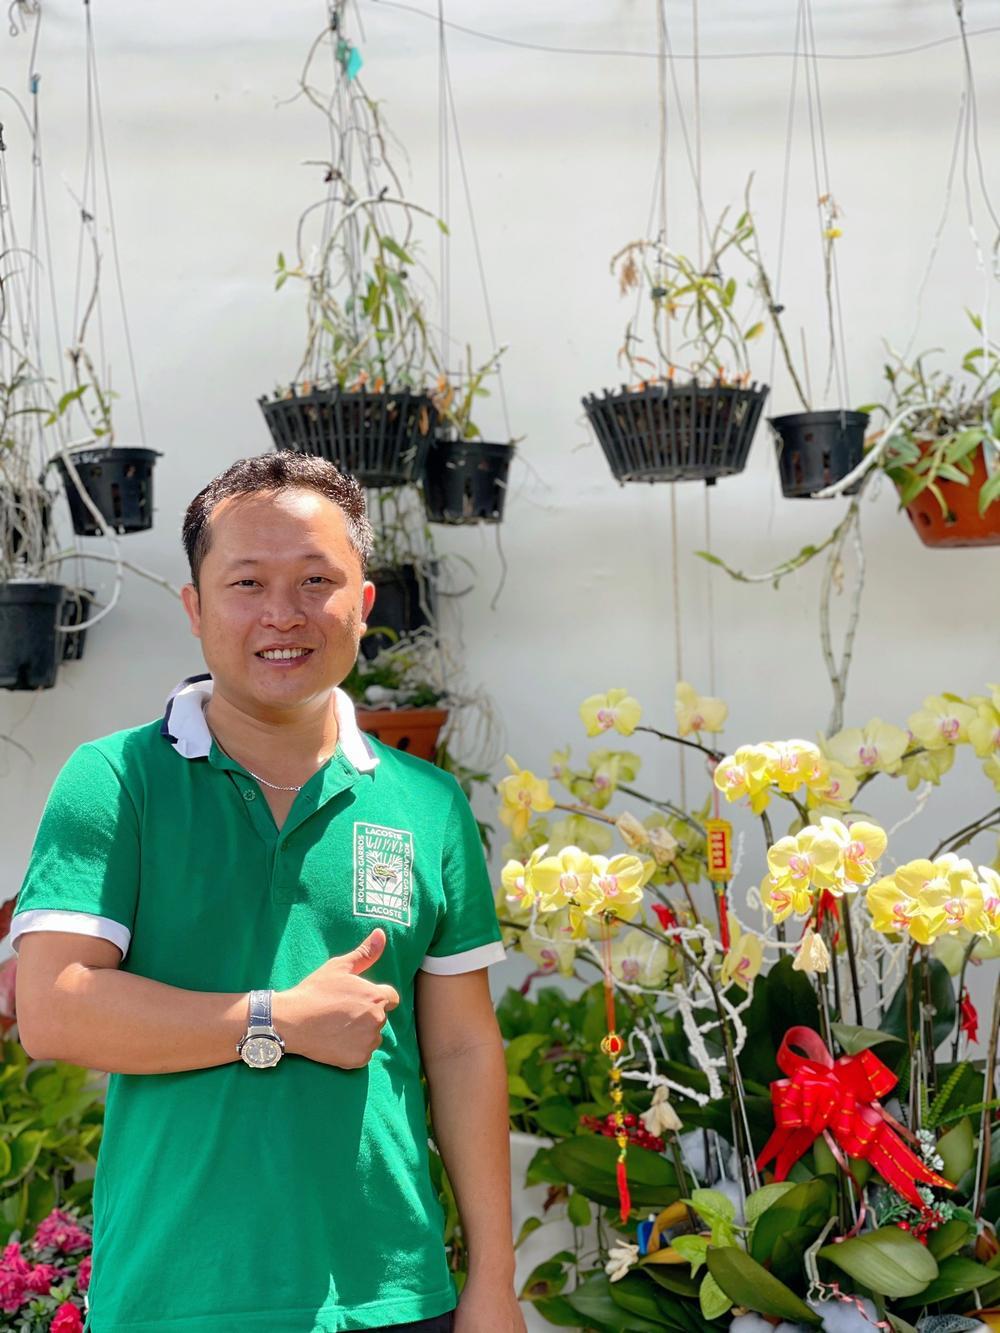 Những 'bí kíp' của nghệ nhân hoa lan Trần Tấn Hiền về xử lý cây lan và giá thể trước khi ghép Ảnh 1